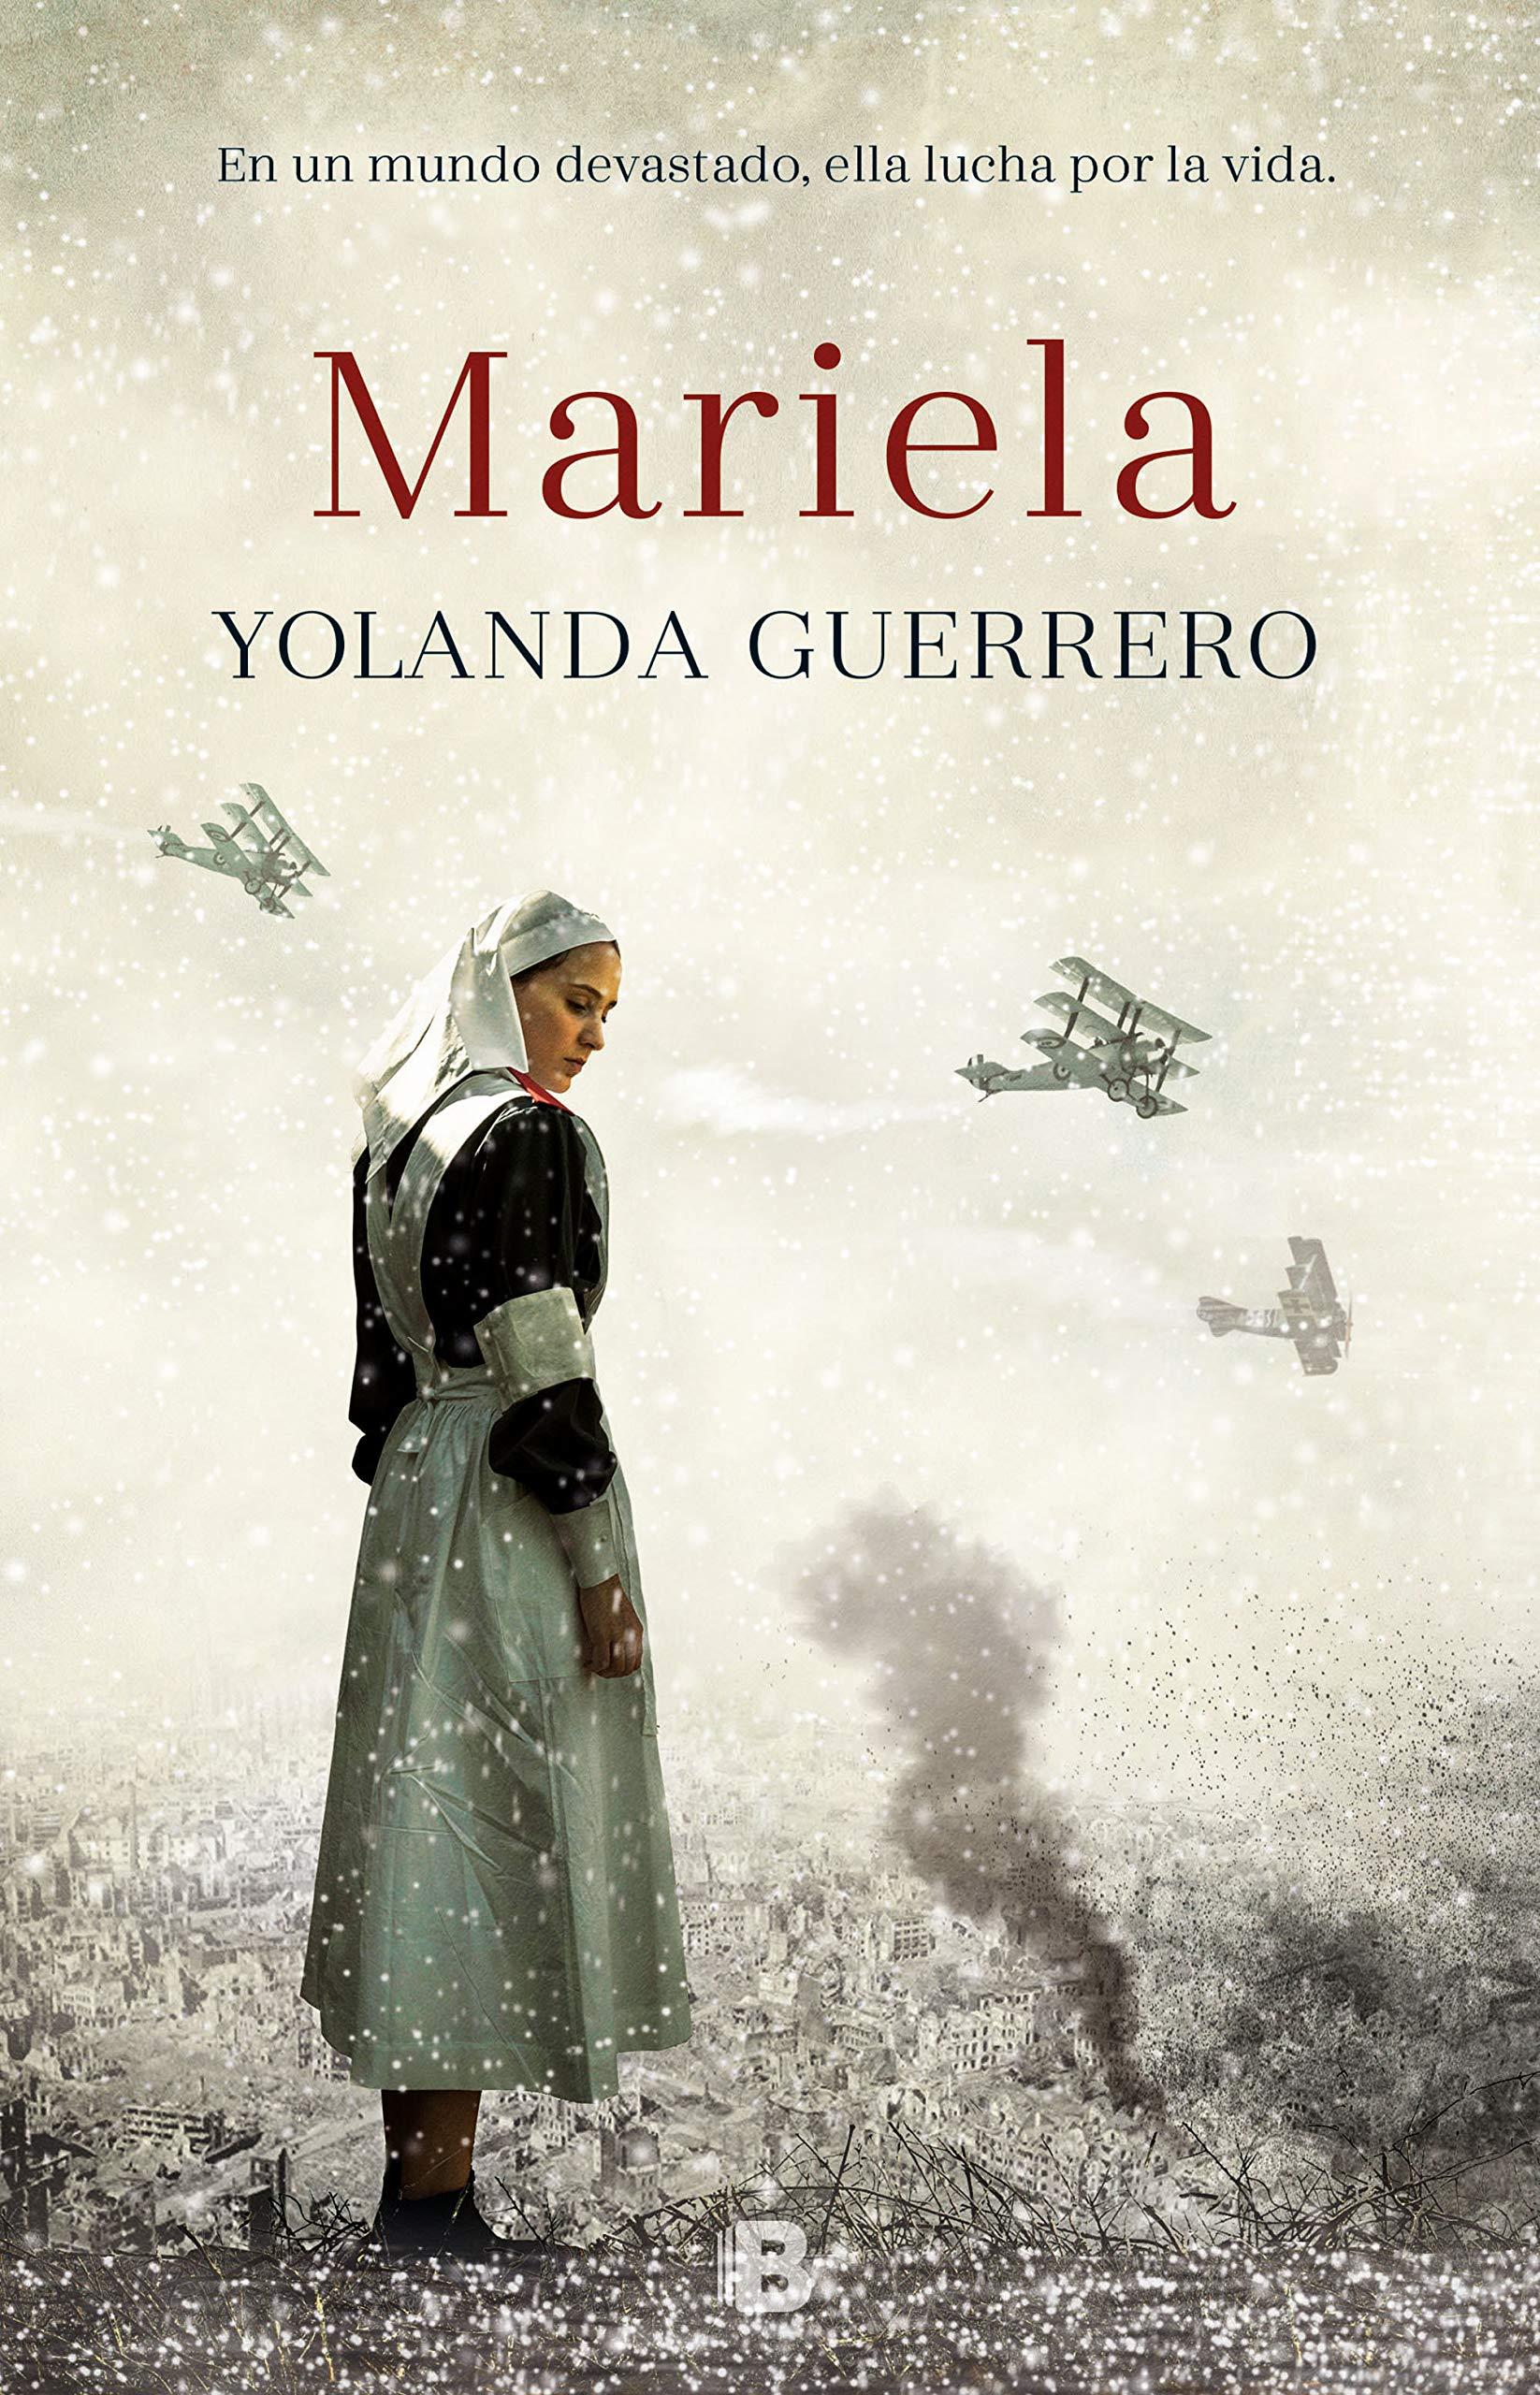 Mariela (Grandes novelas): Amazon.es: Guerrero, Yolanda: Libros